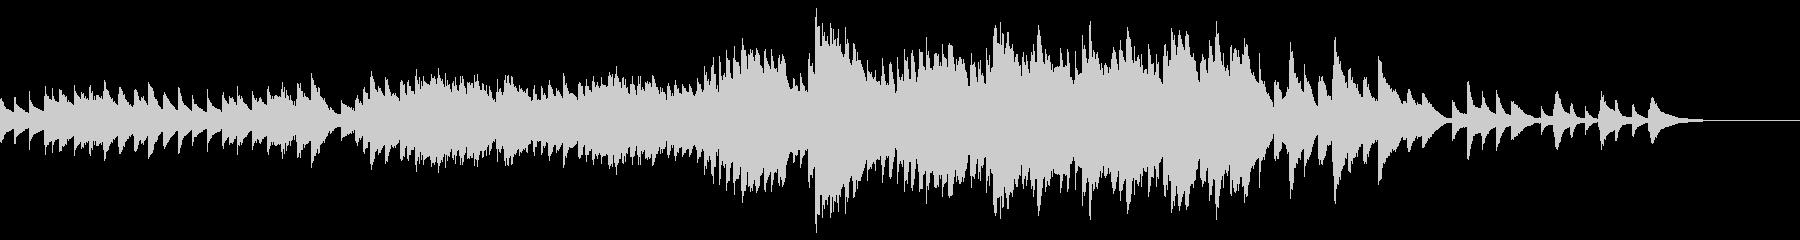 古く昔の物語のようなケルト的音楽ですの未再生の波形